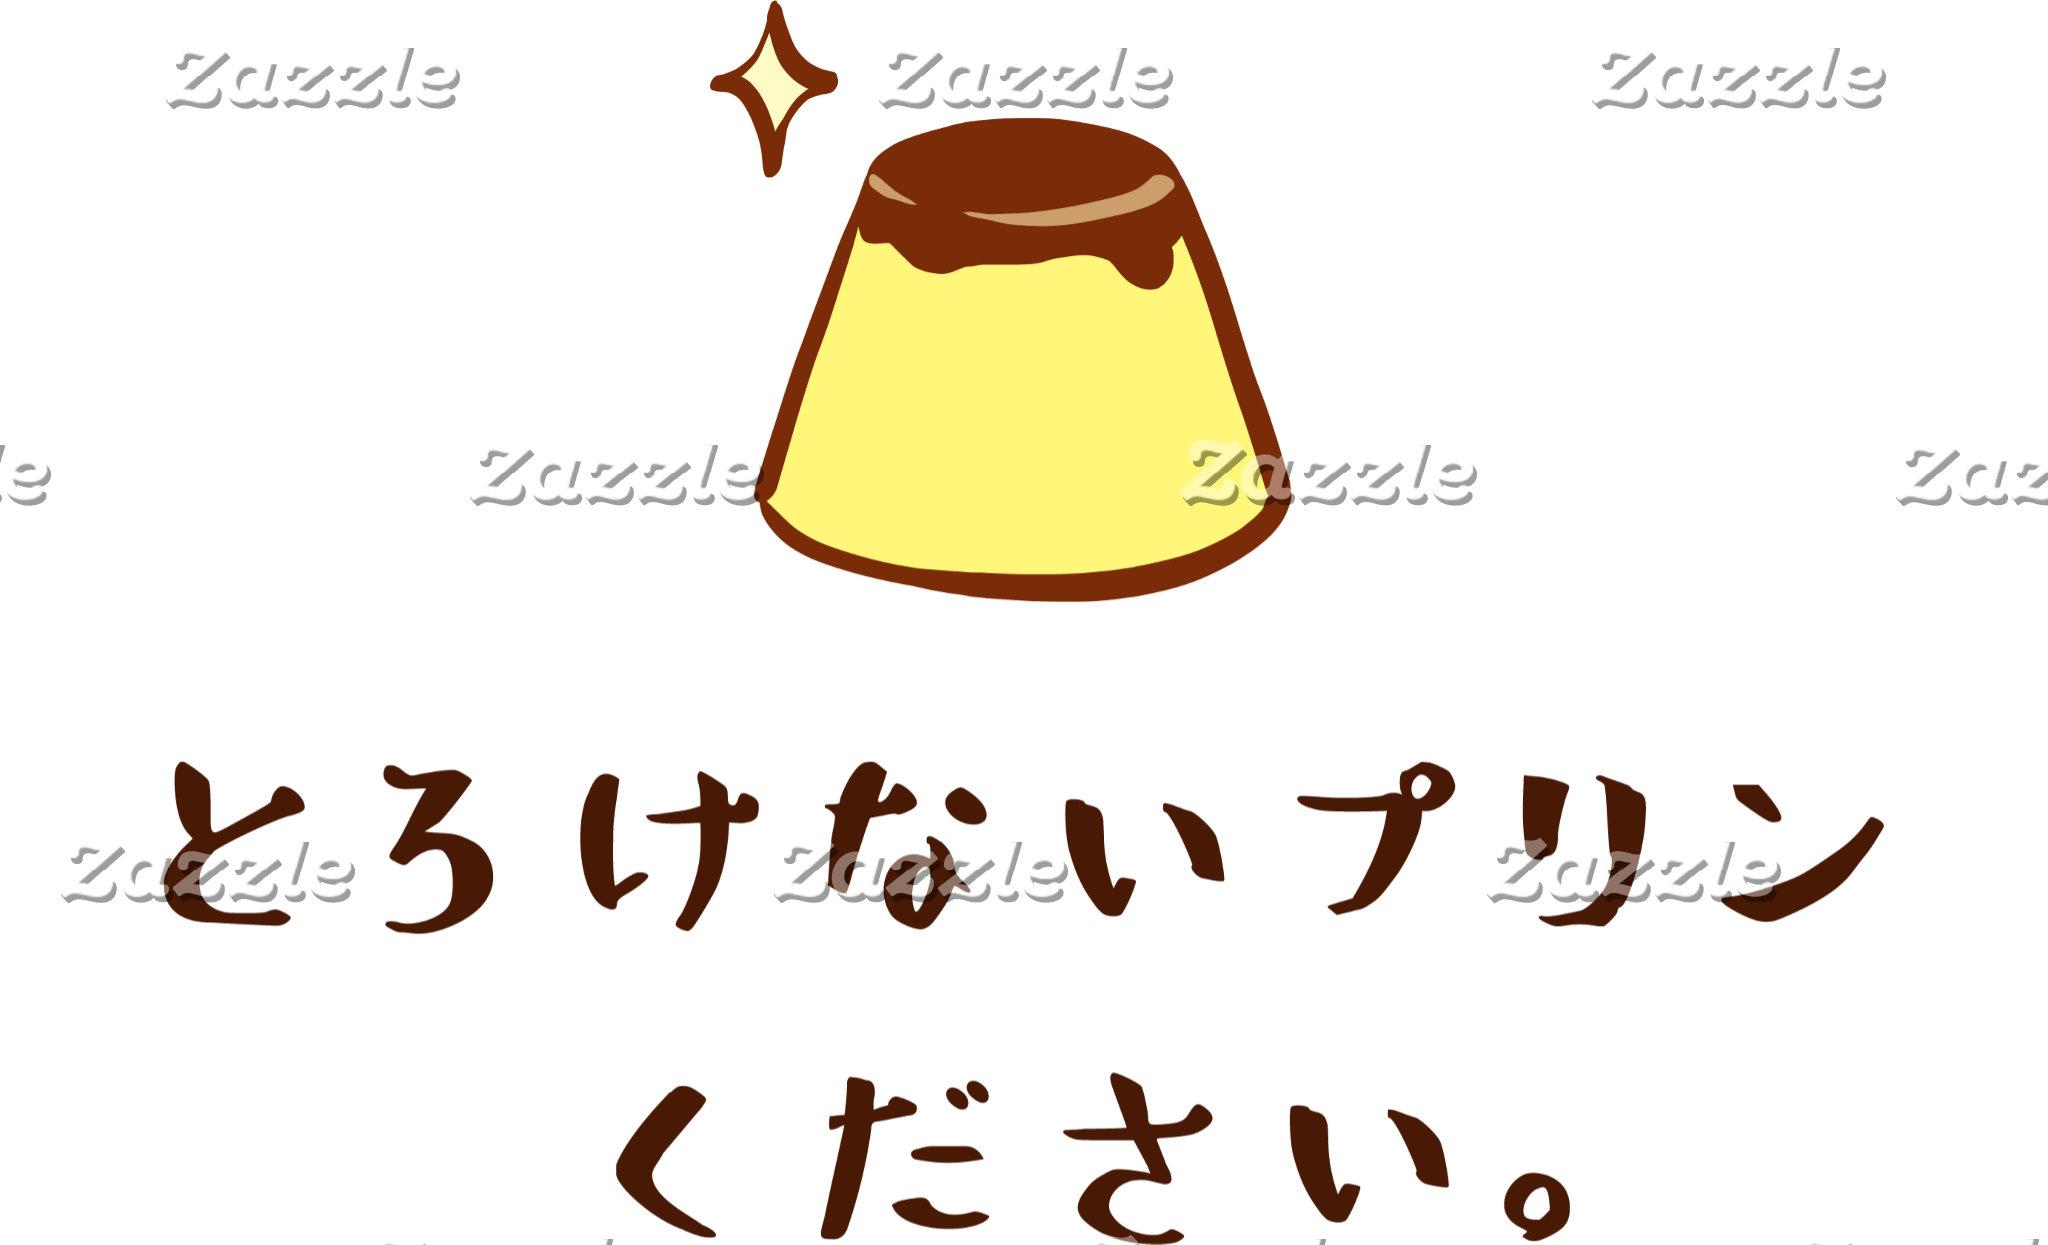 【とろけないプリンください】 Pudding which doesn't melty, please